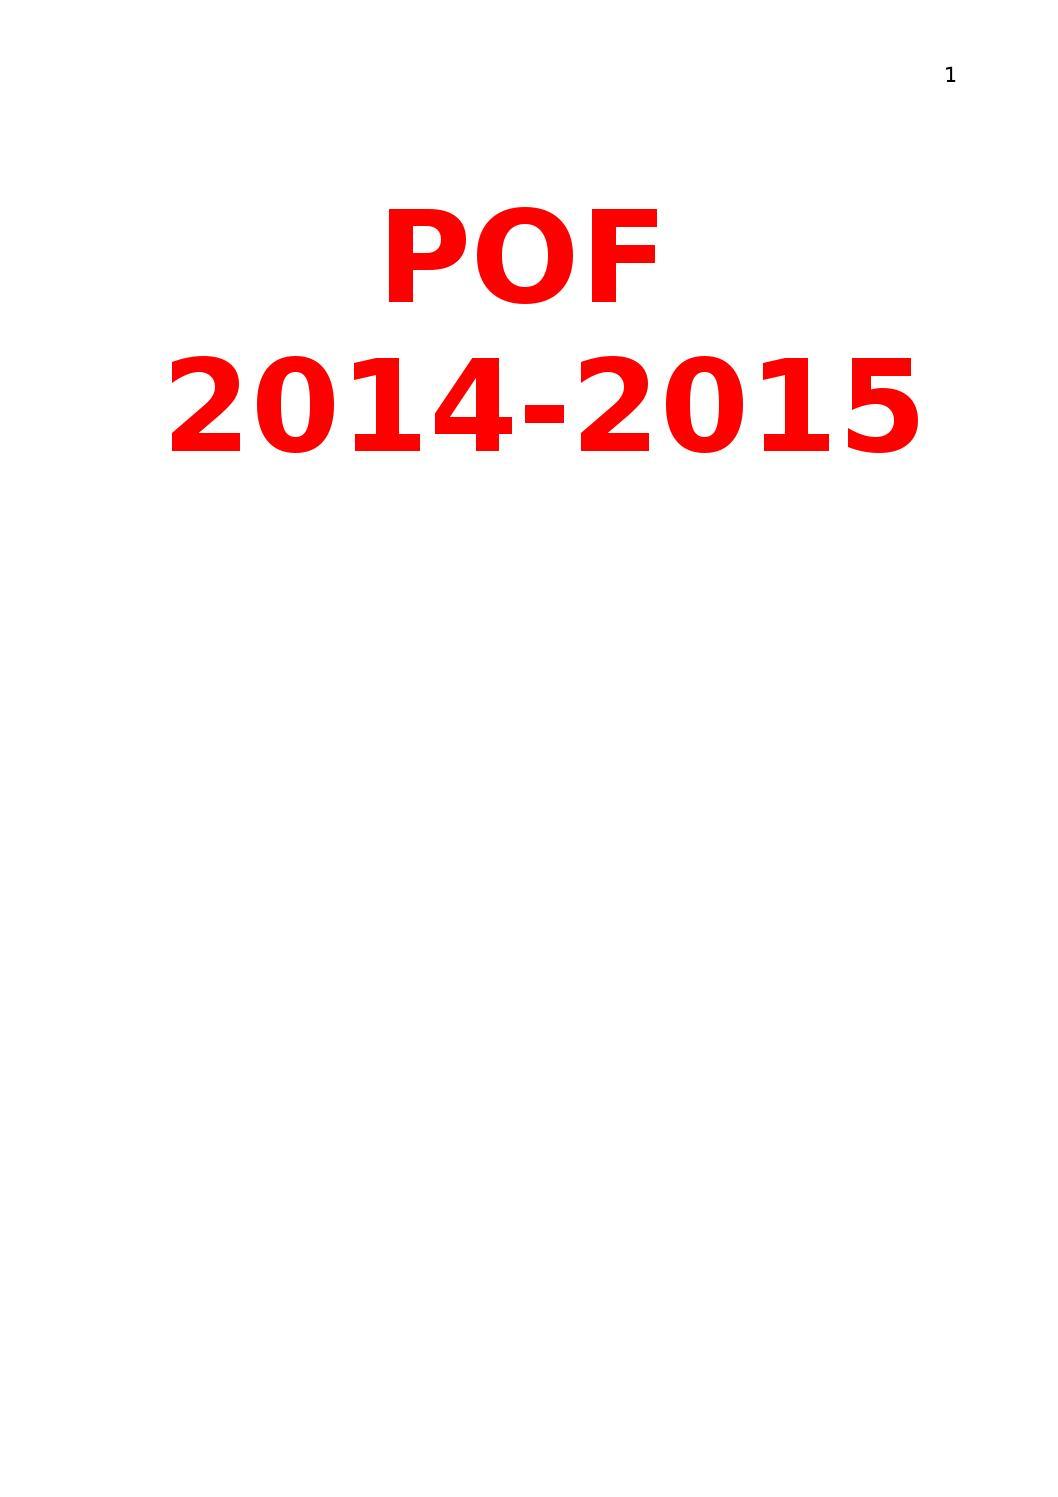 Iscriviti al sito di incontri di POF